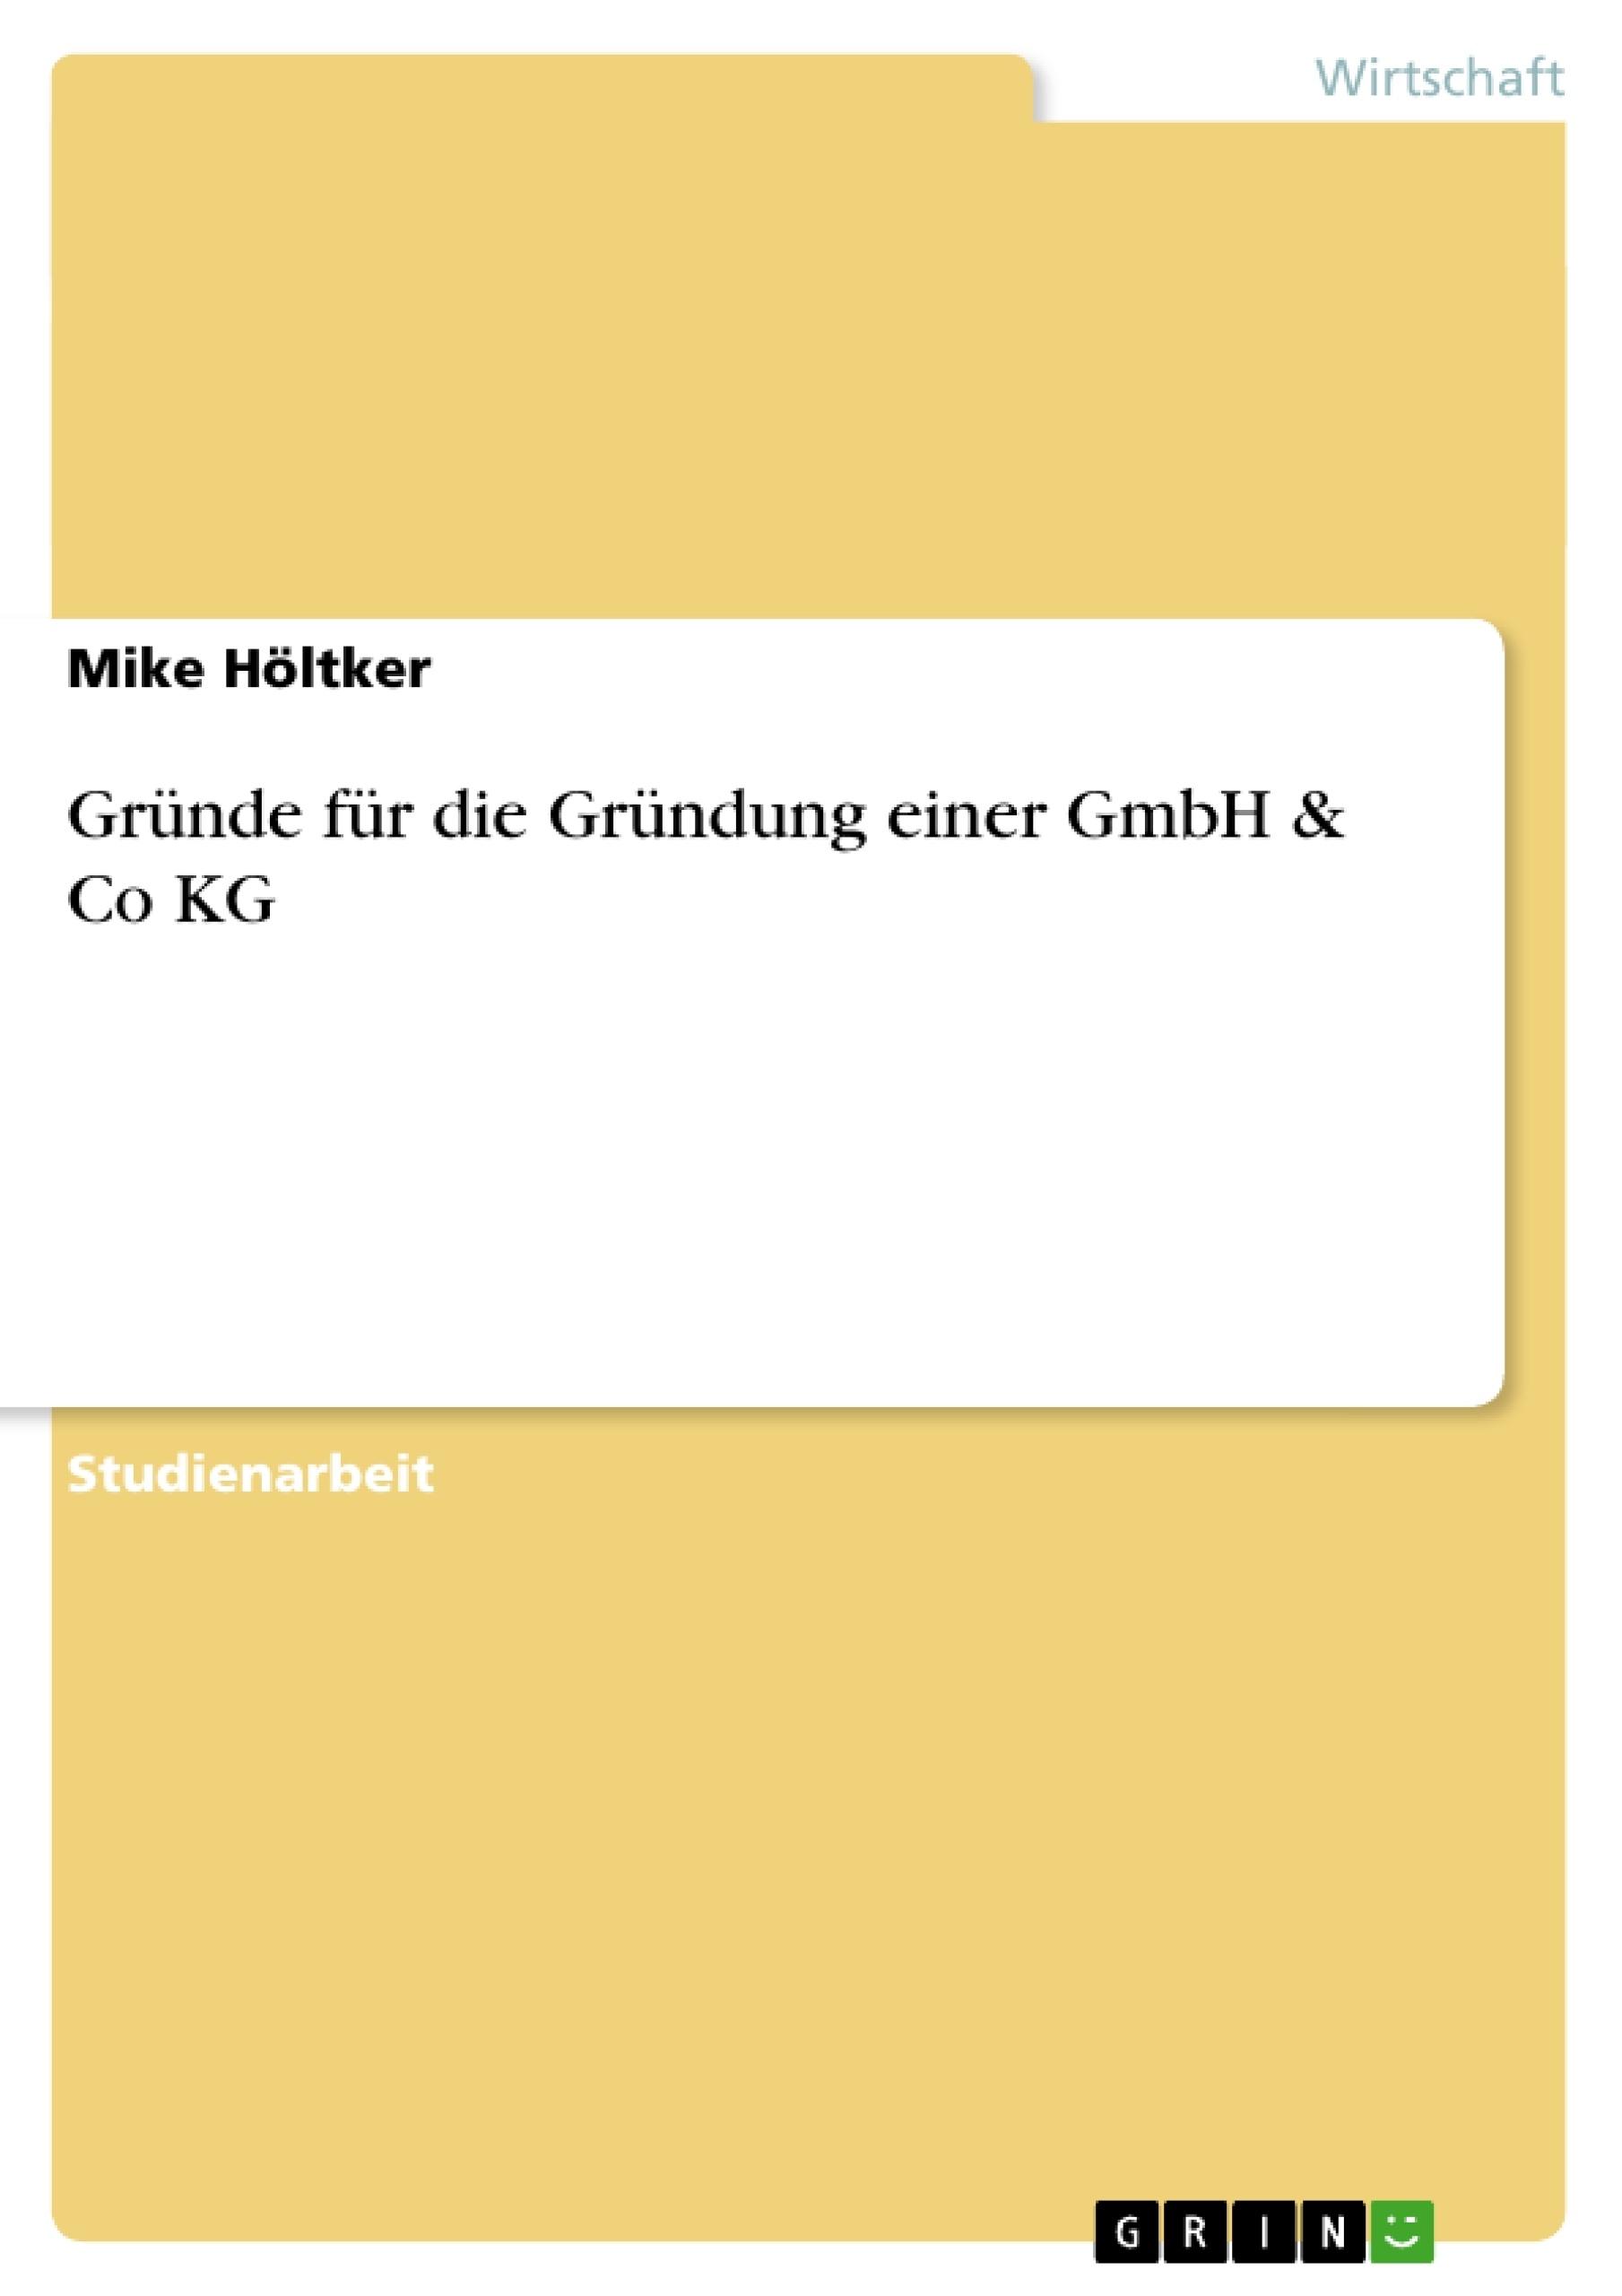 Titel: Gründe für die Gründung einer GmbH & Co KG